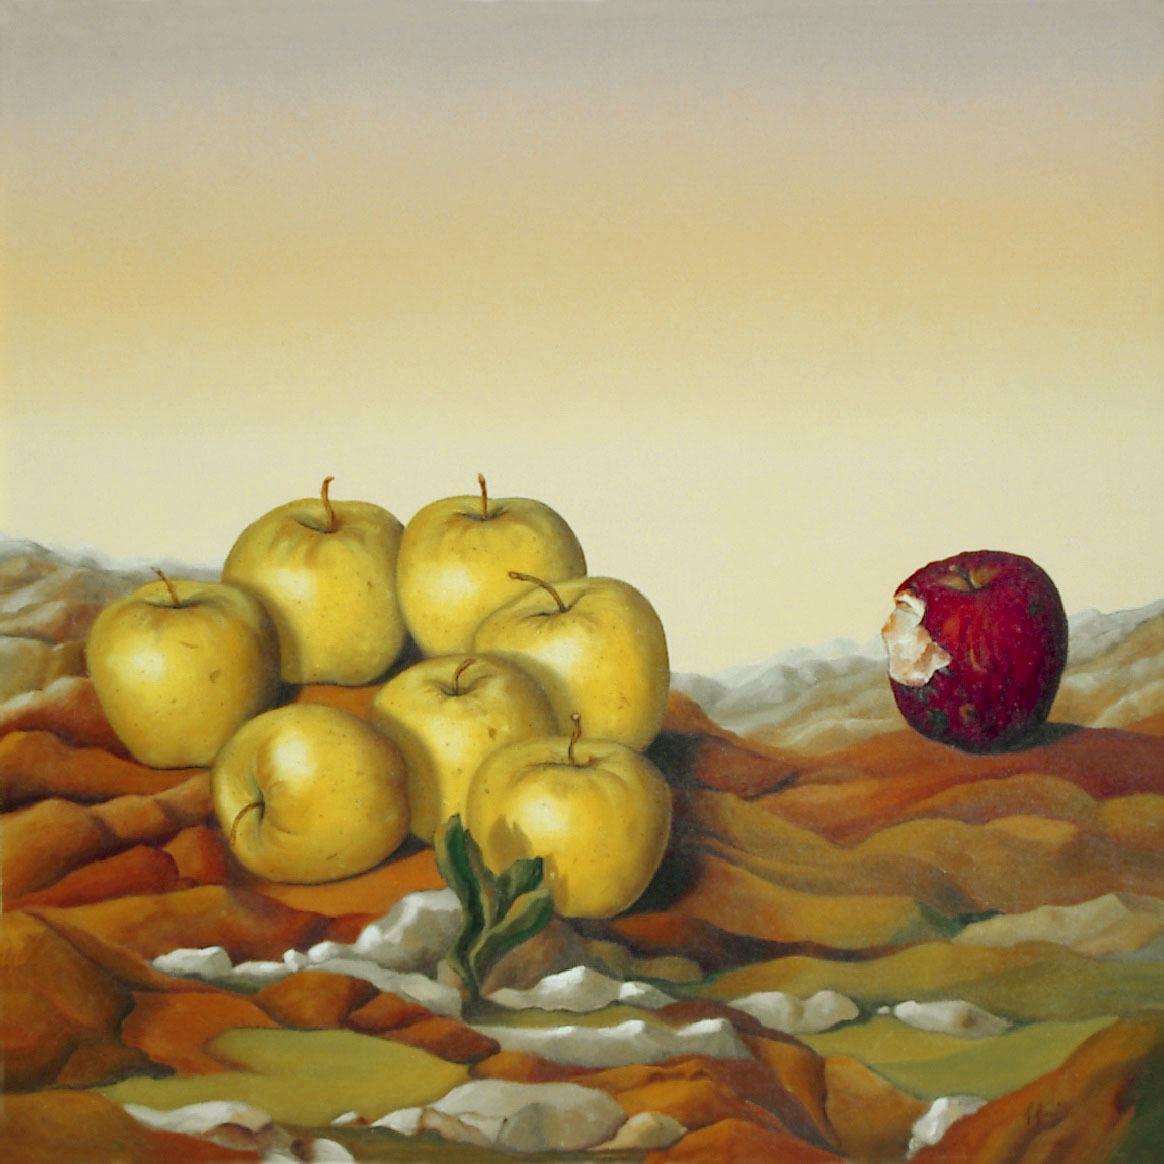 2005 roberta rossi - L'esclusa - olio su tela - 60 x 60